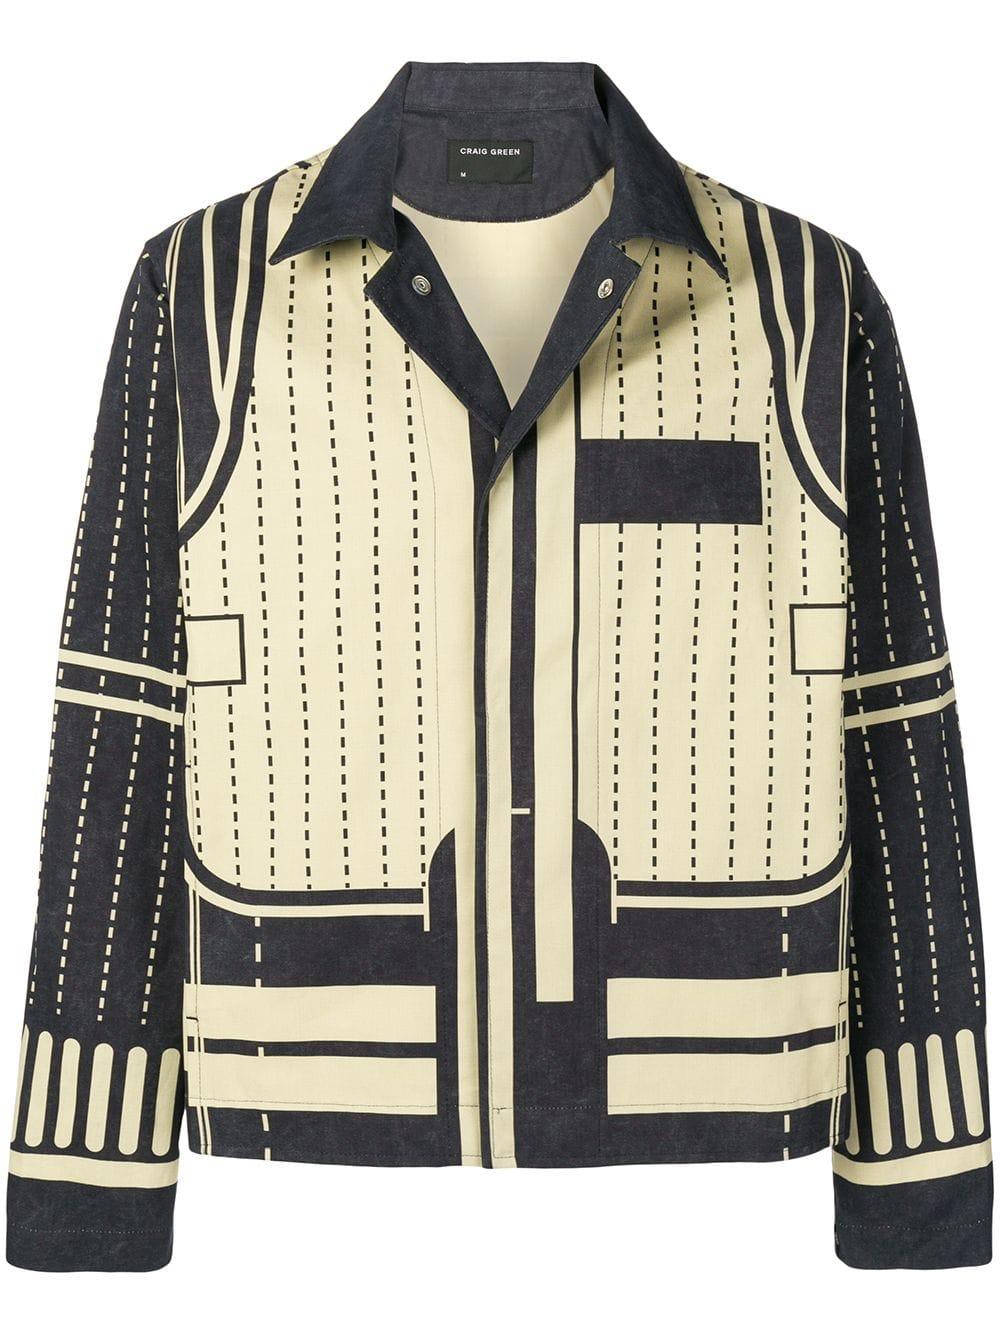 Geometric Print Shirt Jacket In Neutrals Printed Shirts Geometric Print Fashion Shirt Jacket